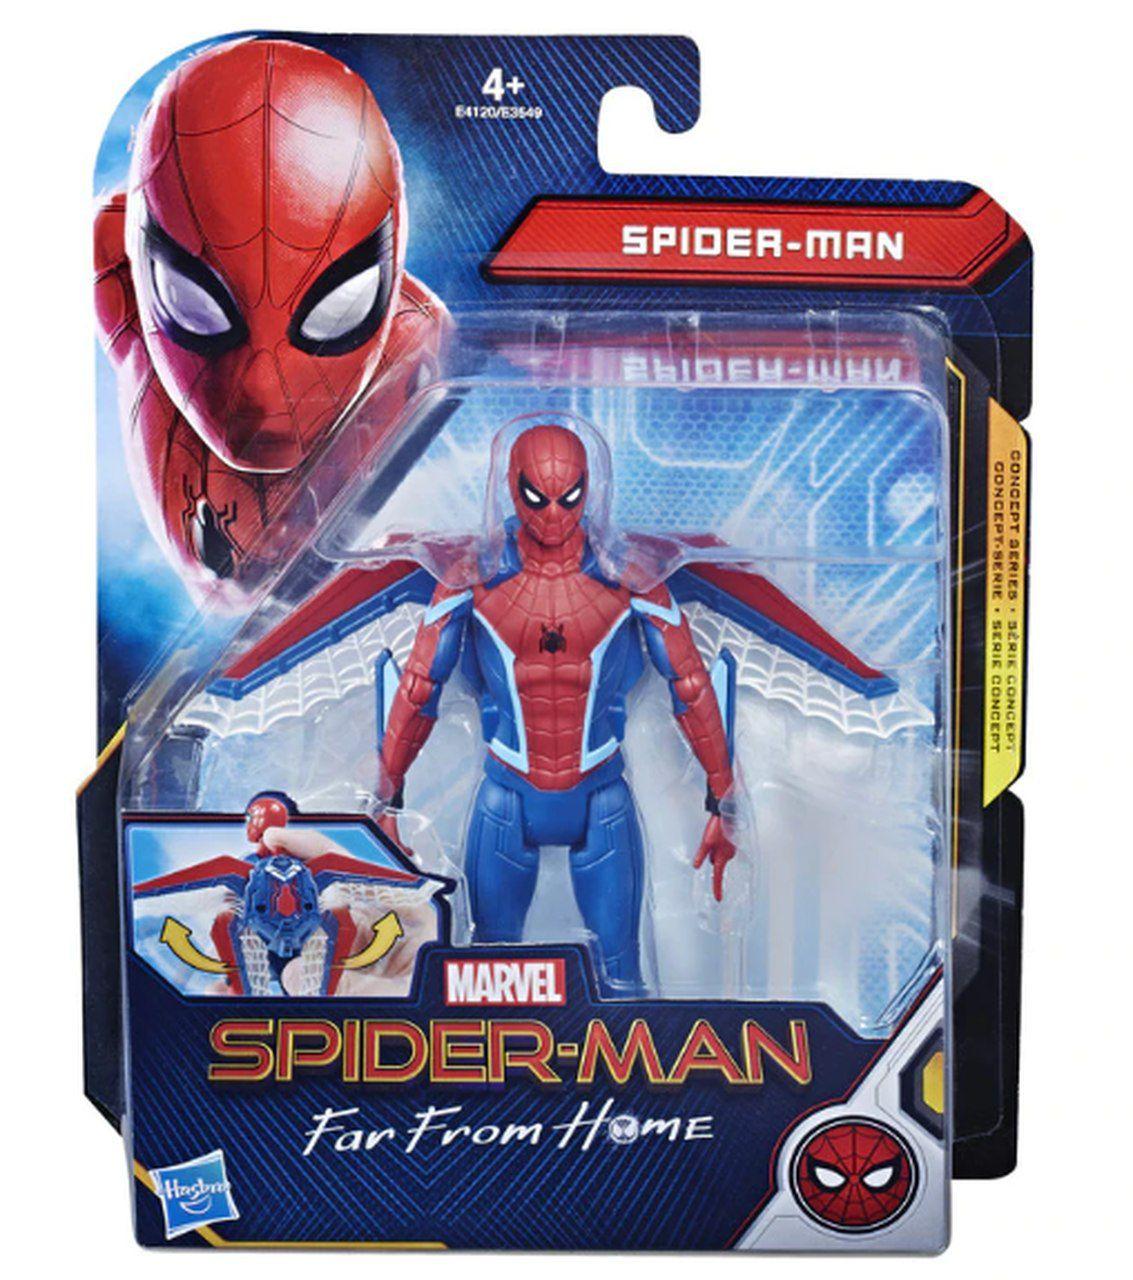 Action Figure Homem-Aranha Missão de Vôo 6'':Longe De Casa (Spider-Man Far From Home) Boneco Colecionável - Hasbro